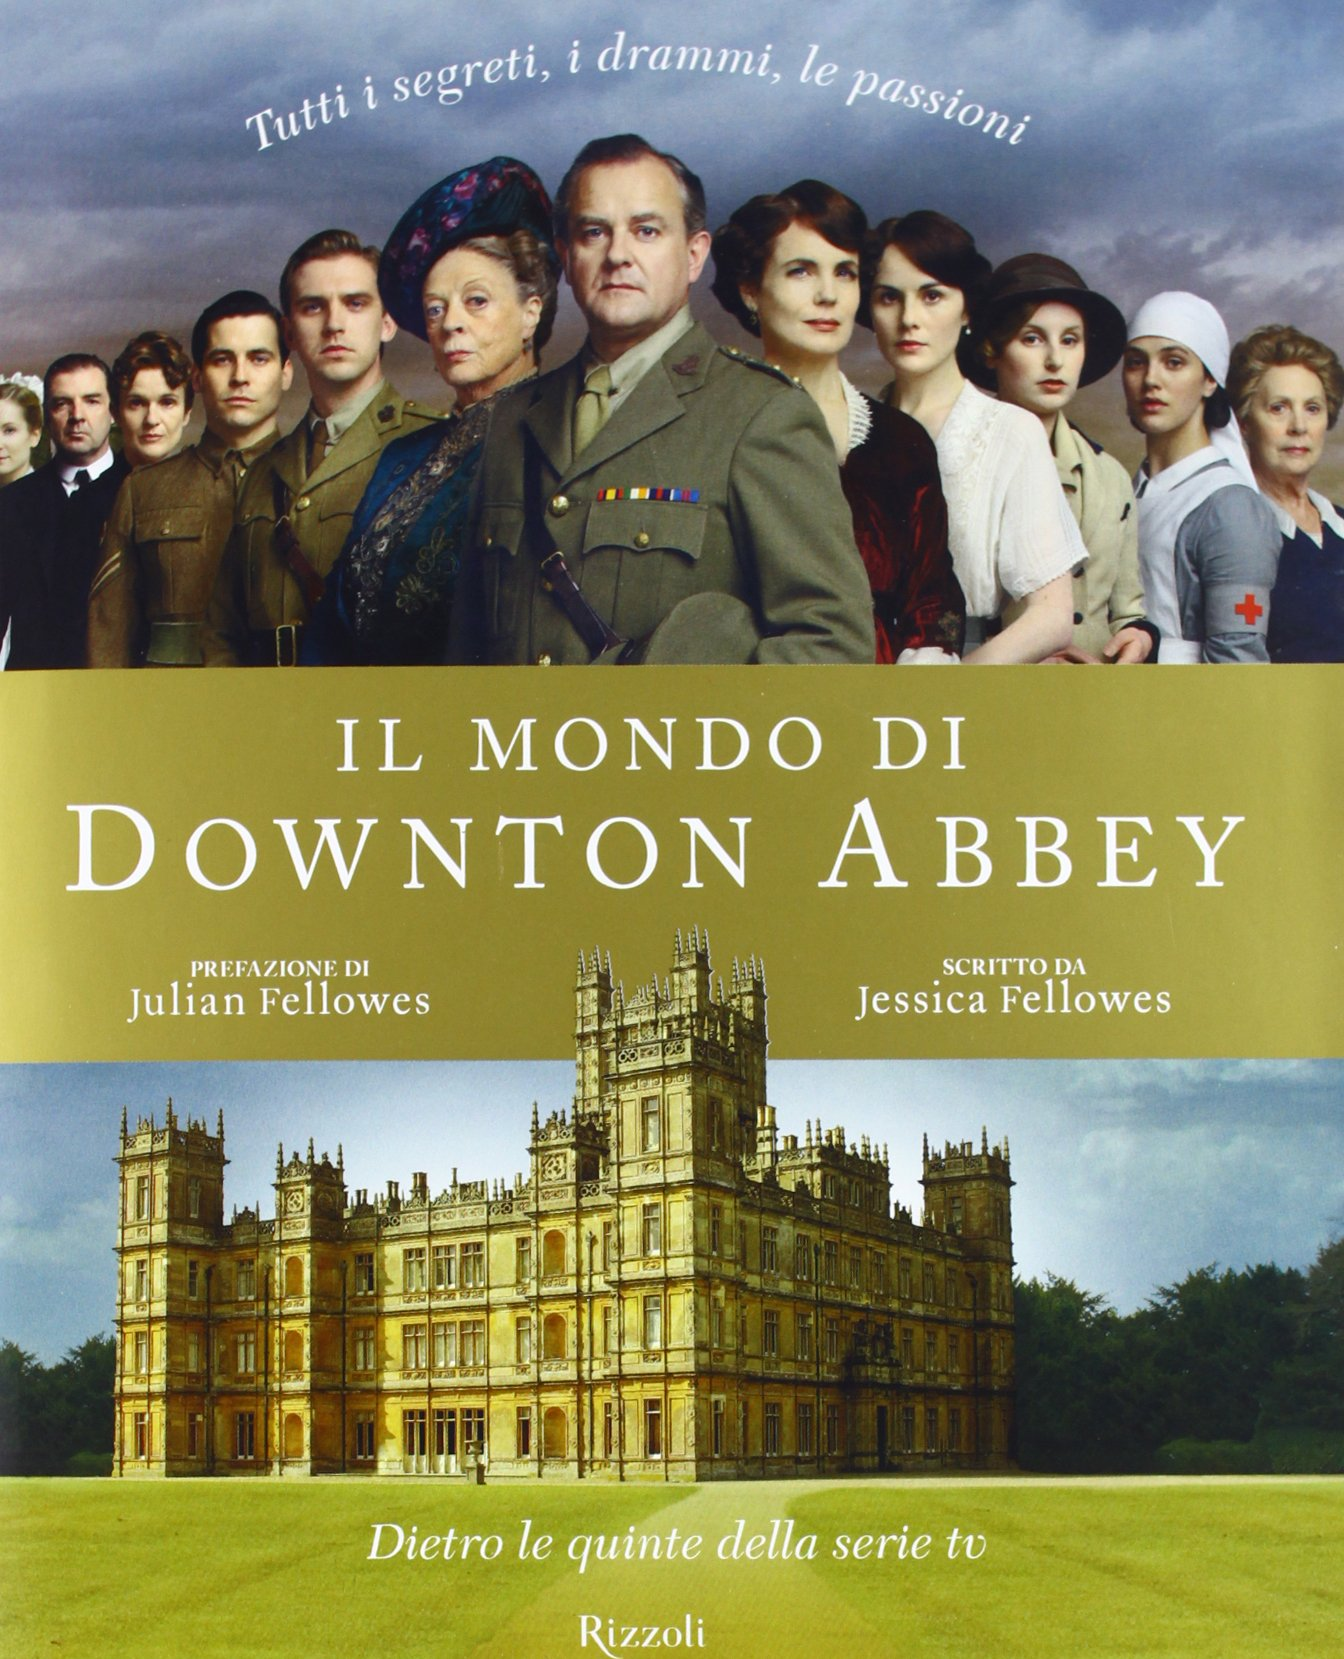 Risultati immagini per Downton Abbey - Dietro le quinte della serie TV.